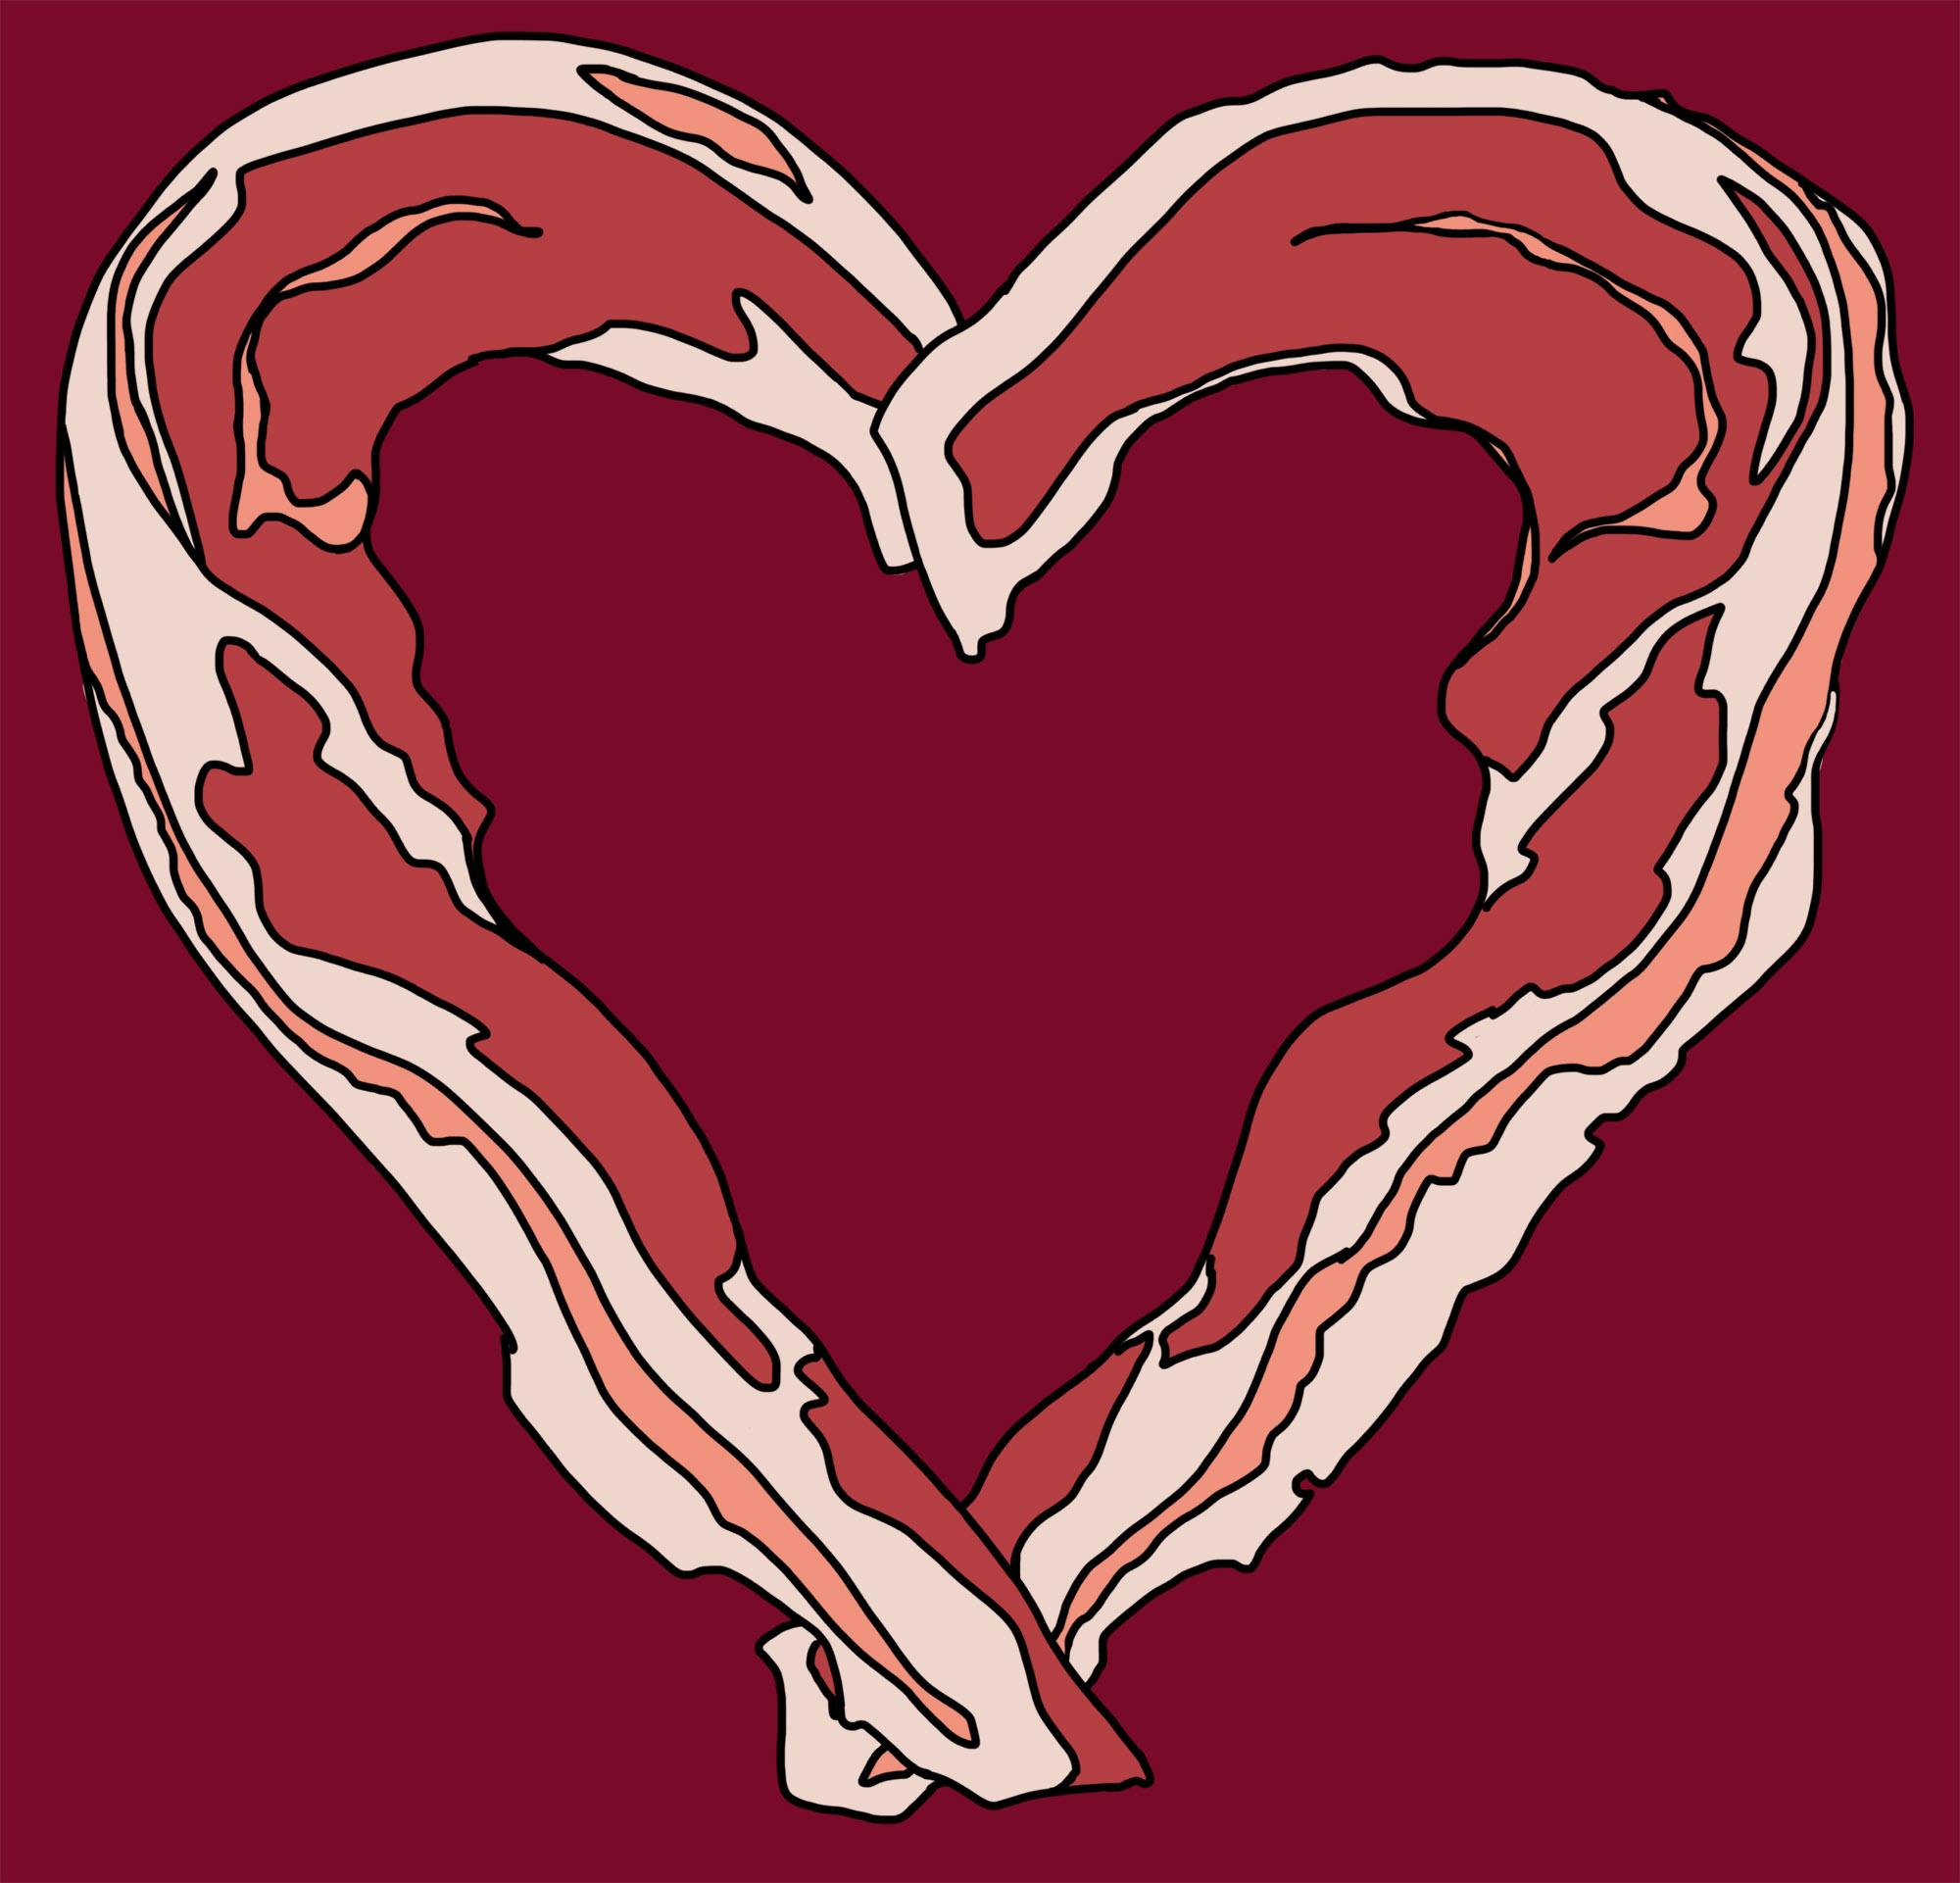 Bacon clipart heart Shirt Closet Woot Stalker Baconlove